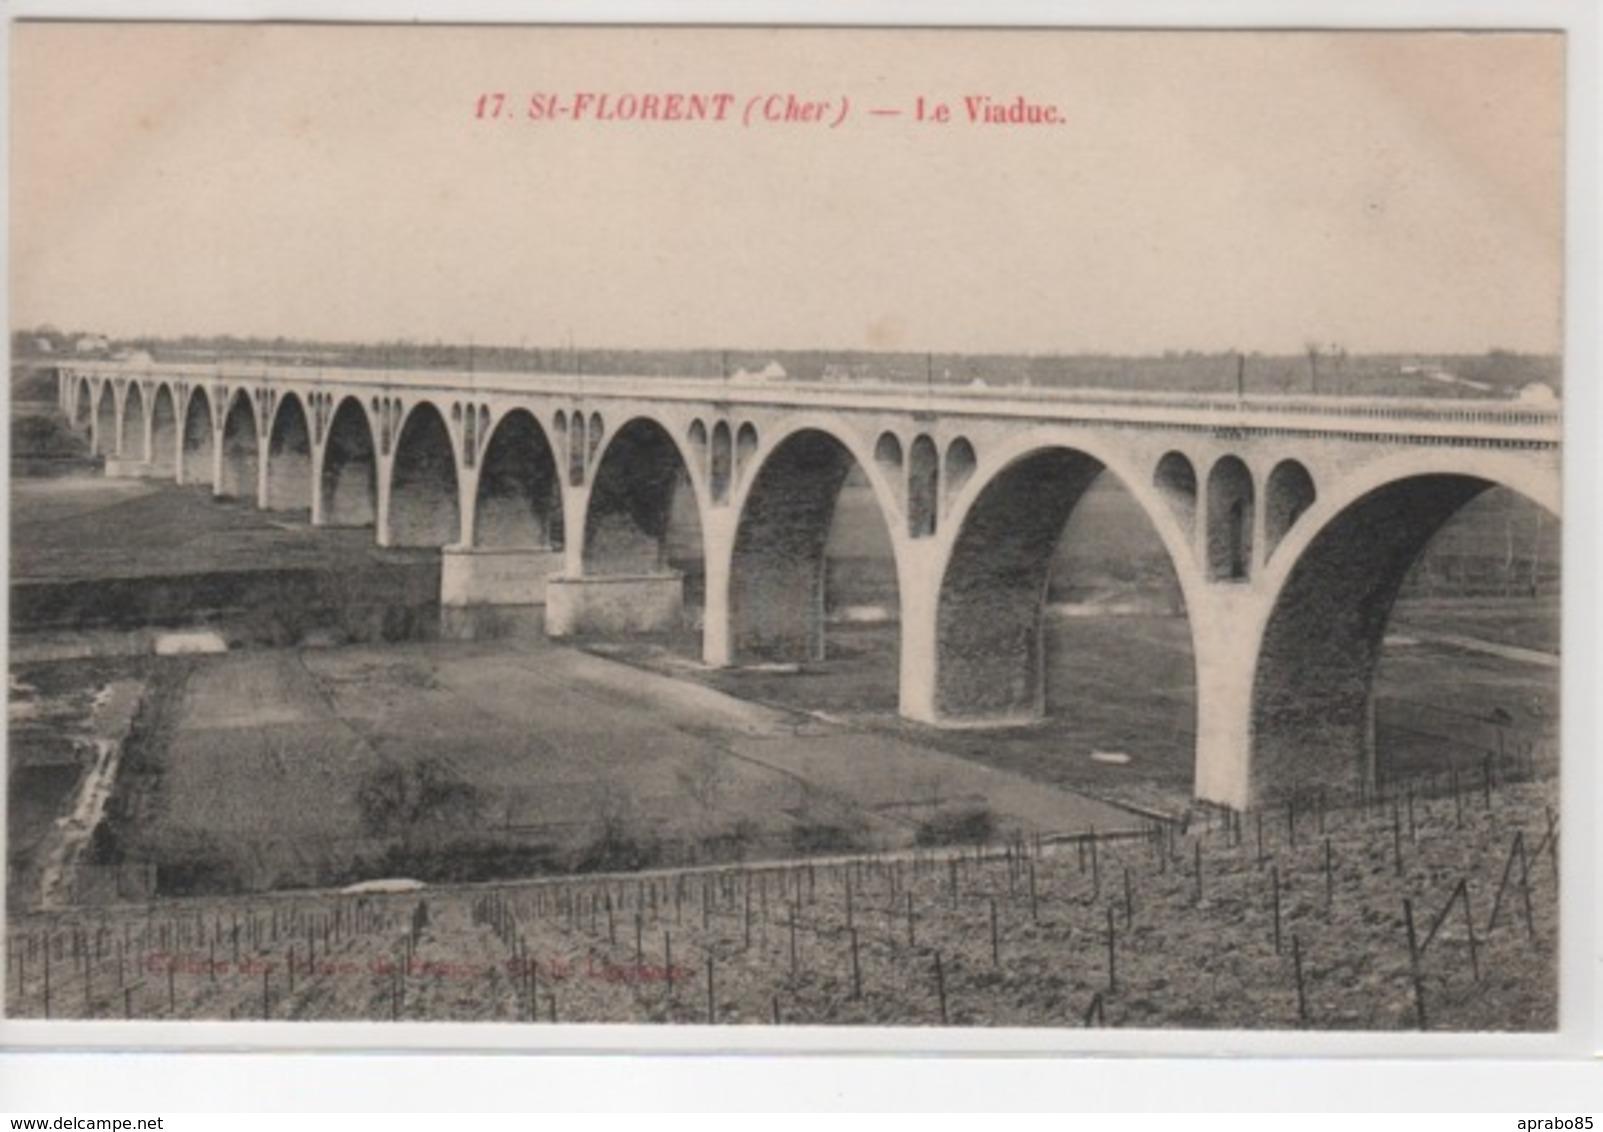 N°17 Le Viaduc - Saint-Florent-sur-Cher